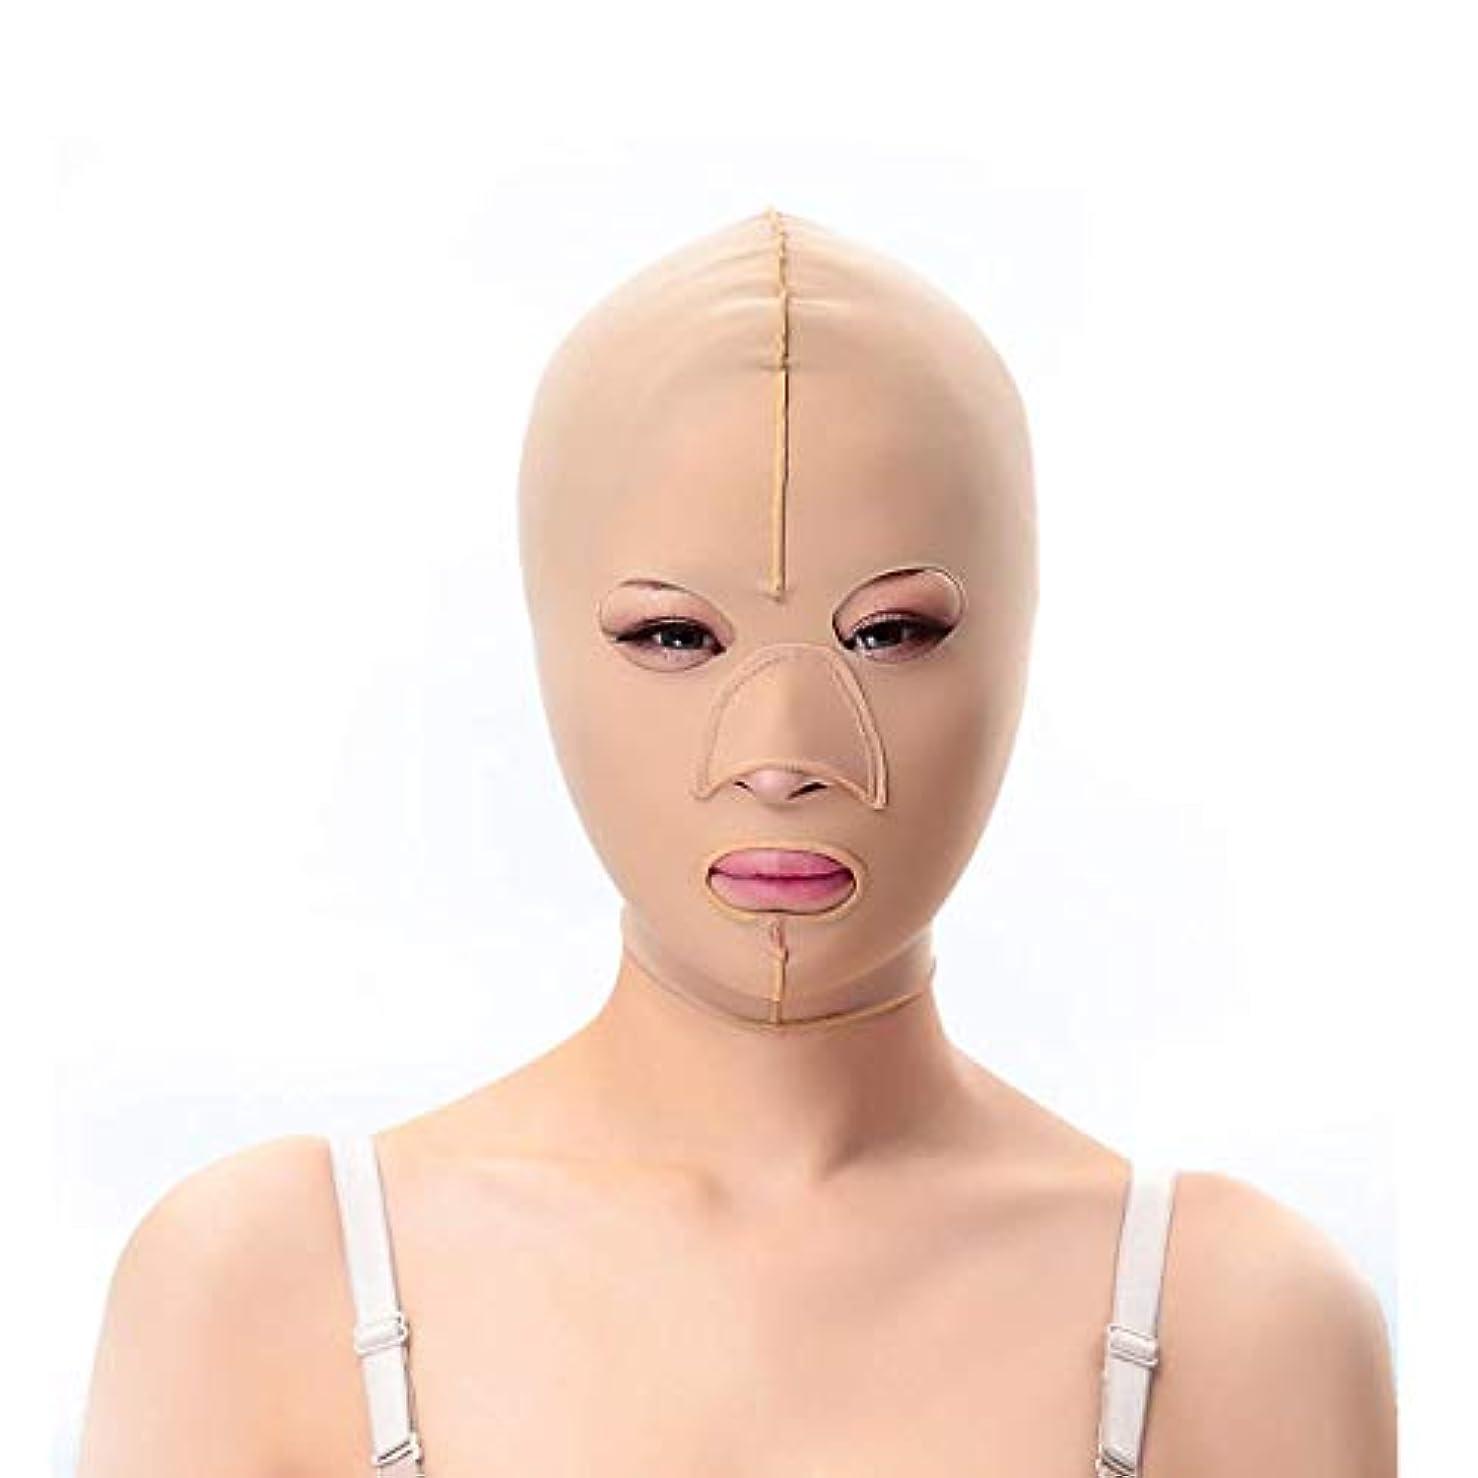 時不良ビリースリミングベルト、二重あごの引き締め顔のプラスチックフェイスアーティファクト強力なフェイス包帯を脇に持ち上げるパターンを欺くためのフェイシャルマスクシンフェイスマスク(サイズ:L),S